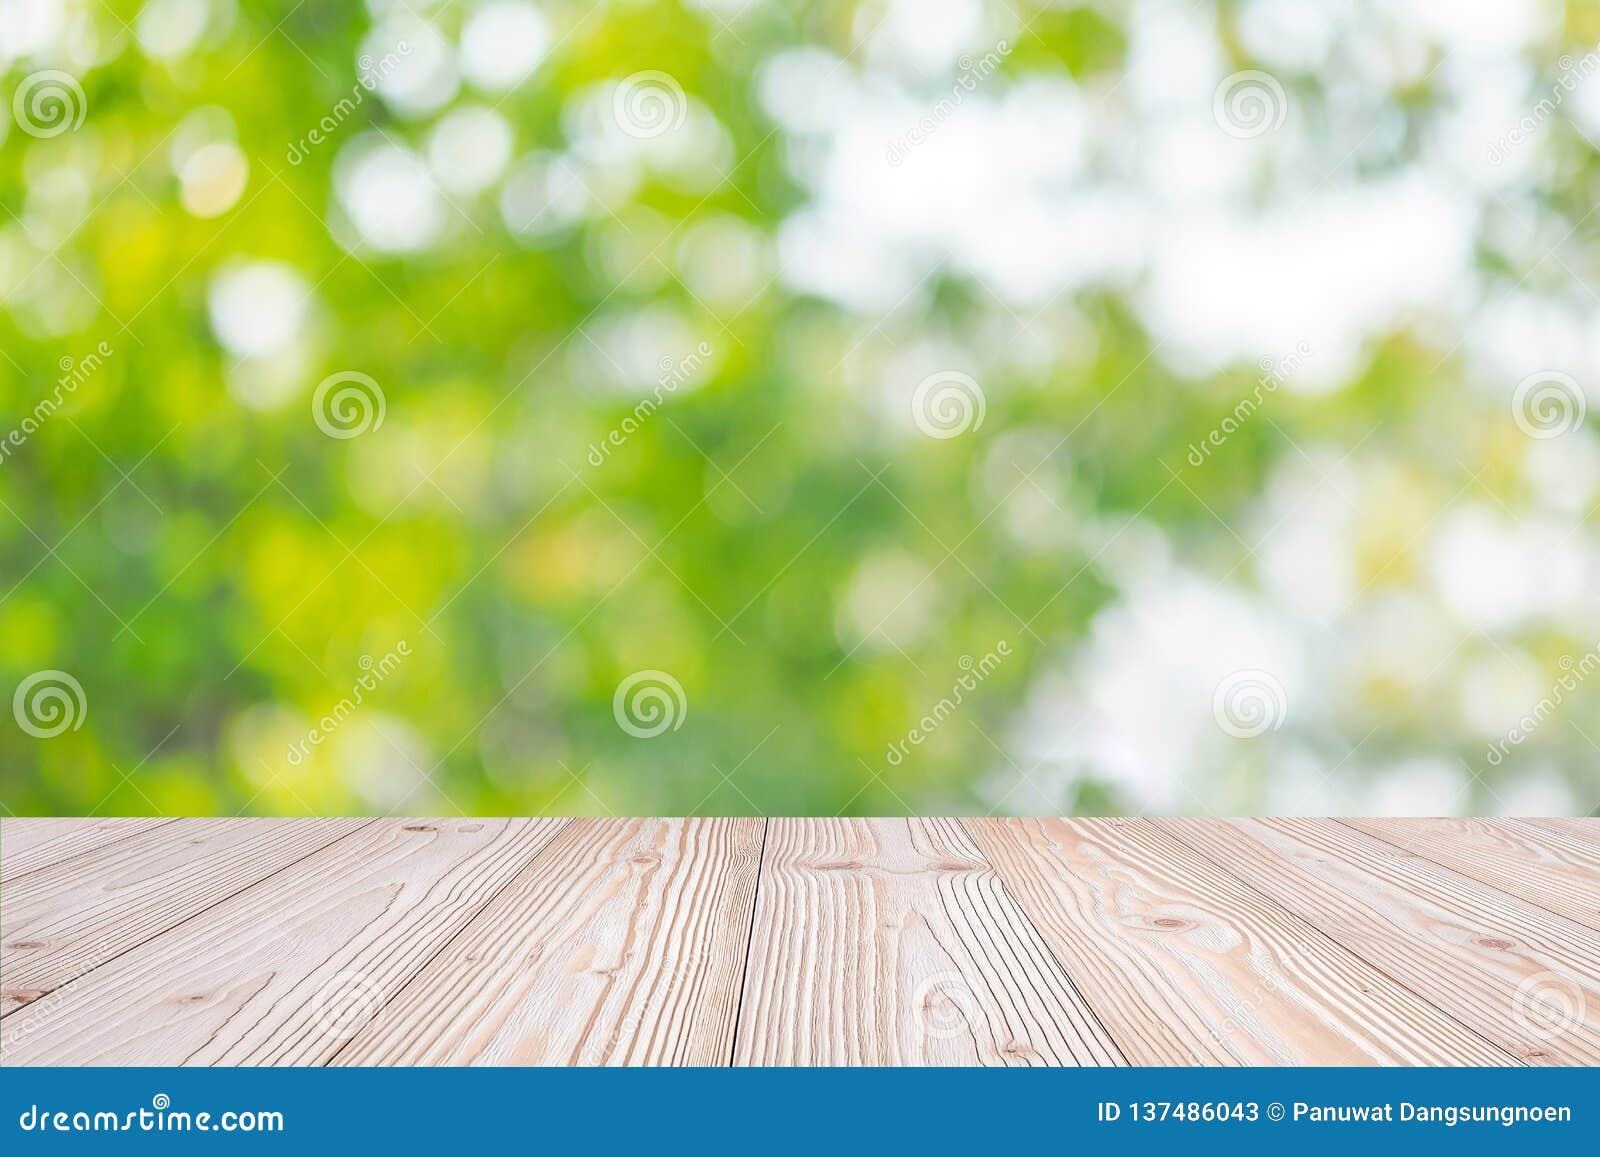 Tabela de madeira vazia no fundo natural verde no jardim exterior Zombe acima para sua exposição ou montagem do produto